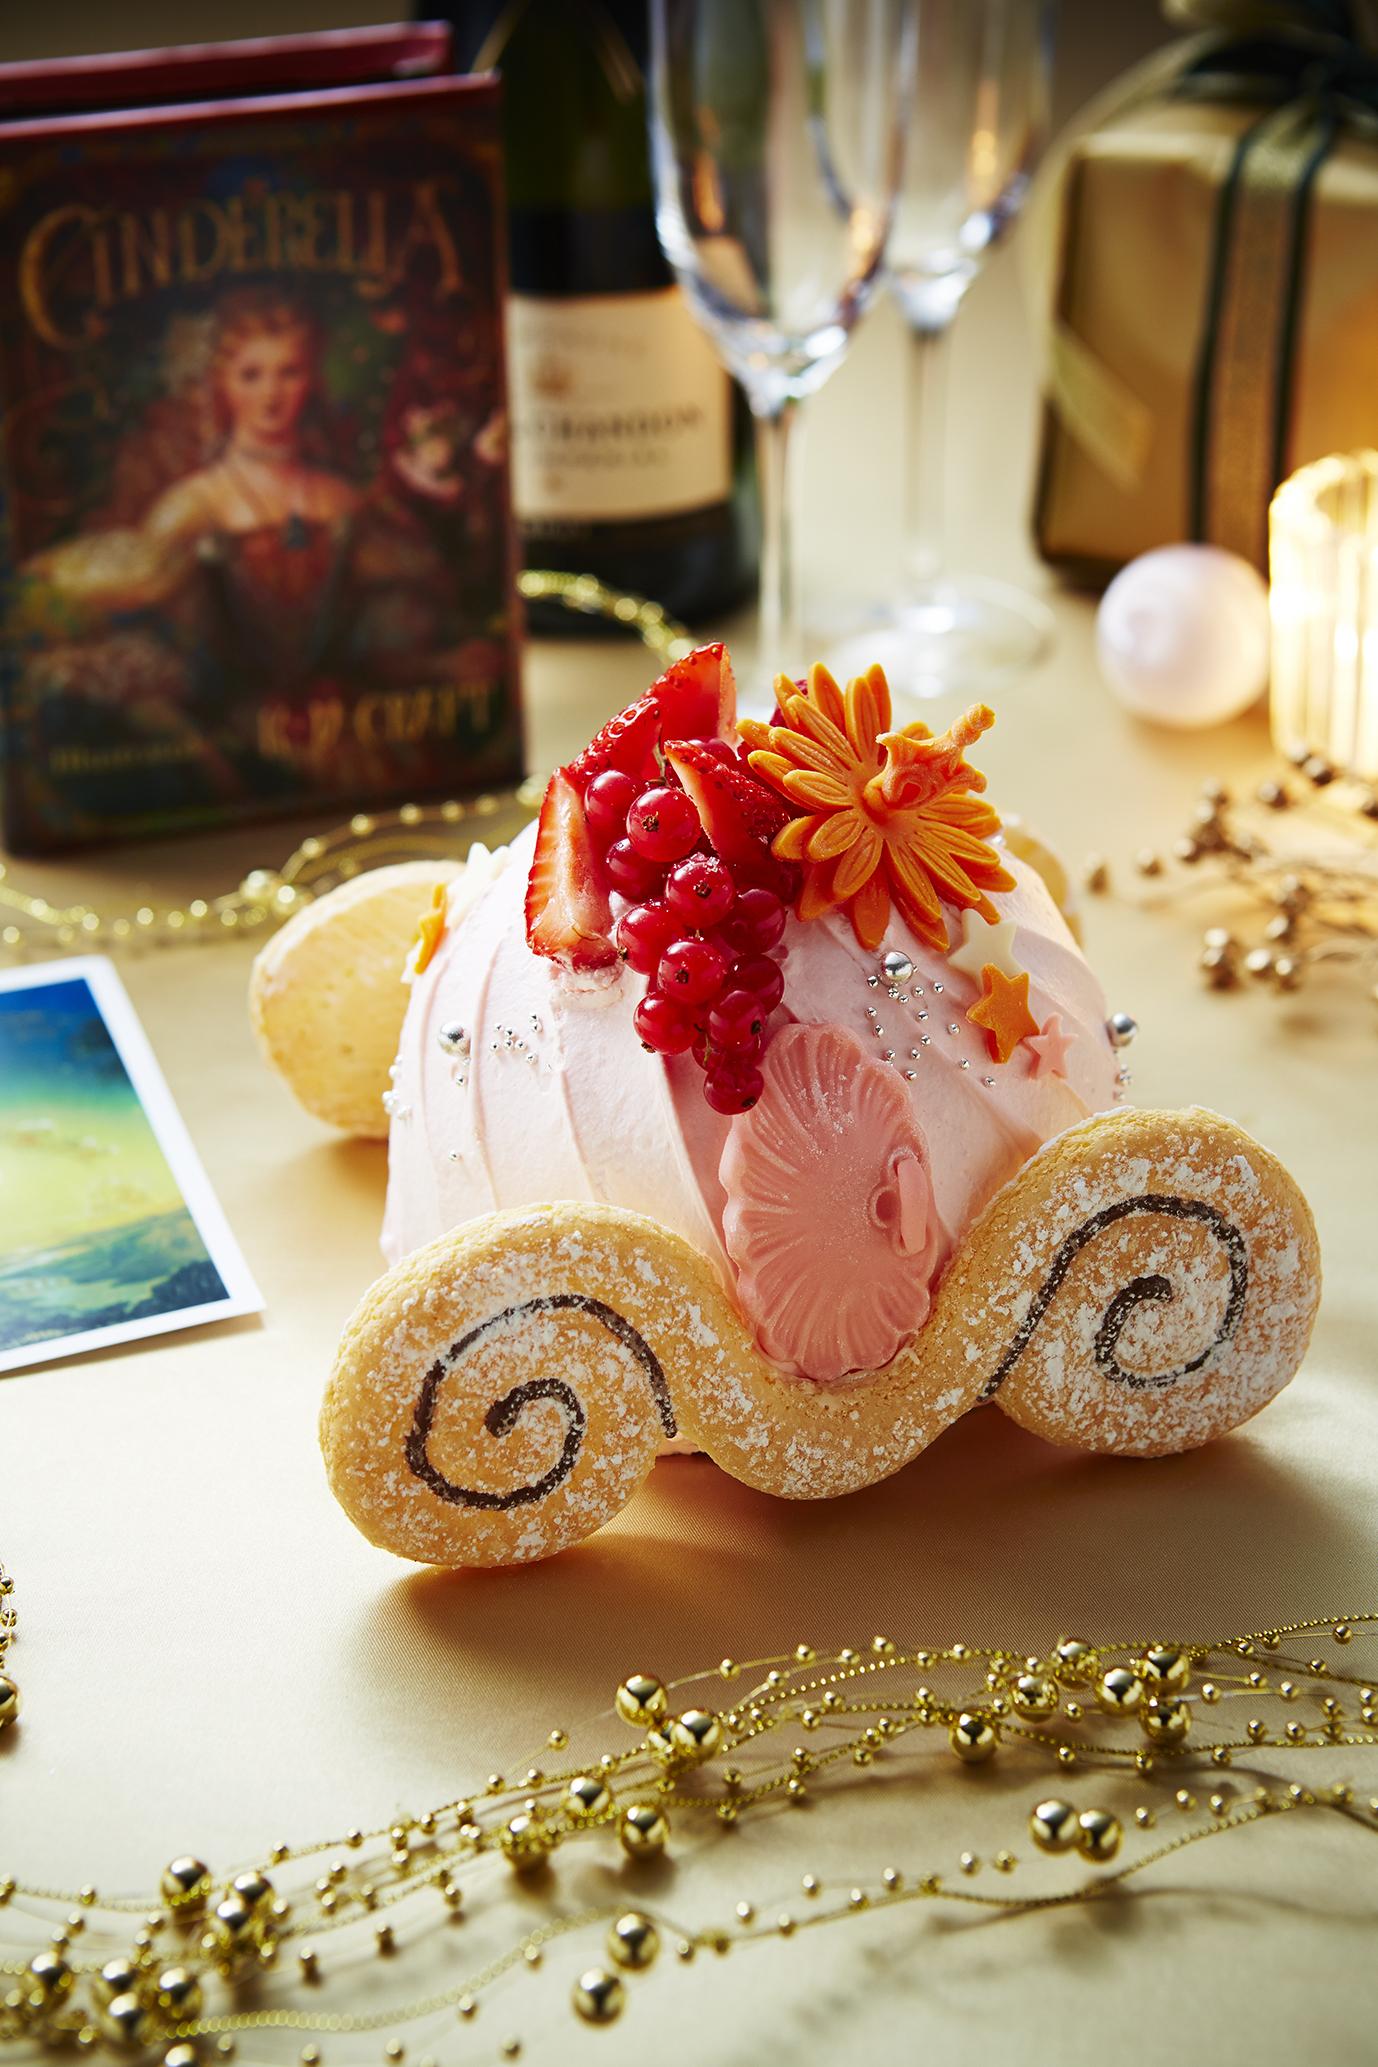 クリスマスケーキは『京王プラザホテル』で早めの準備を!_1